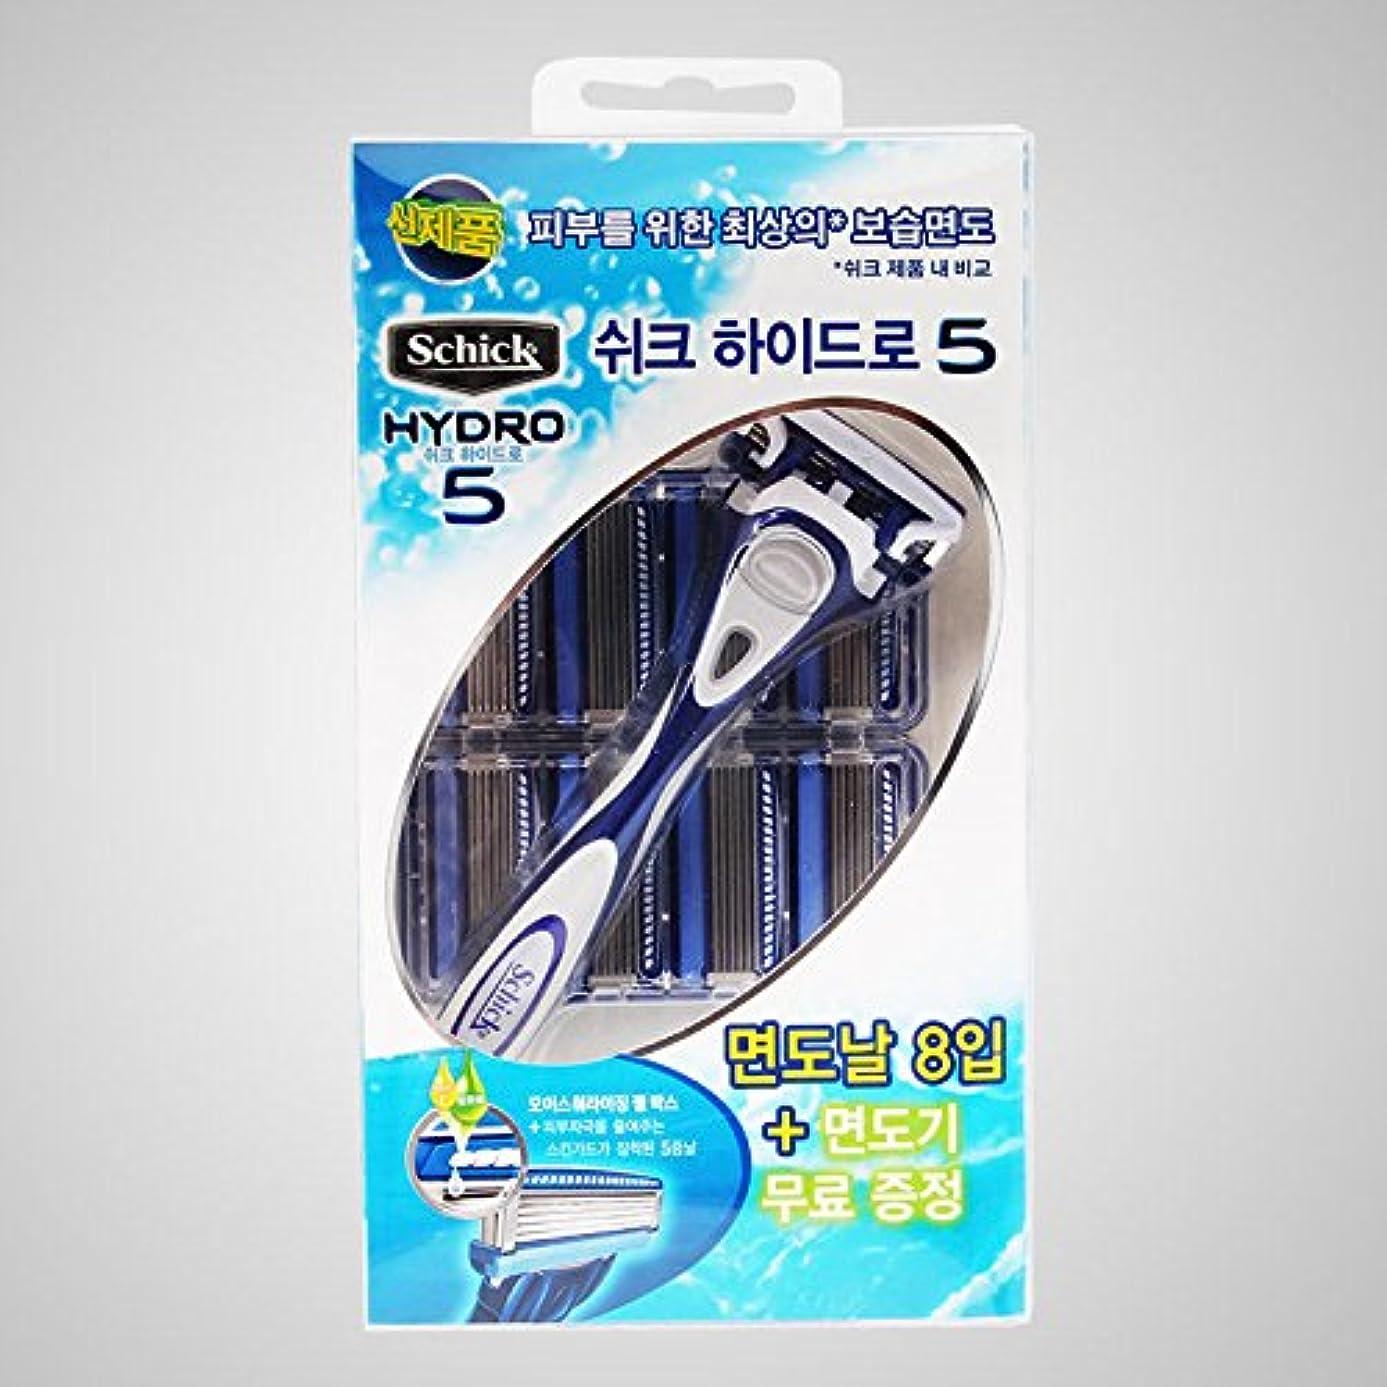 集めるデザート持ってるSchick Hydro 5 Shaving 1 Razor with 9 カートリッジ [並行輸入品]